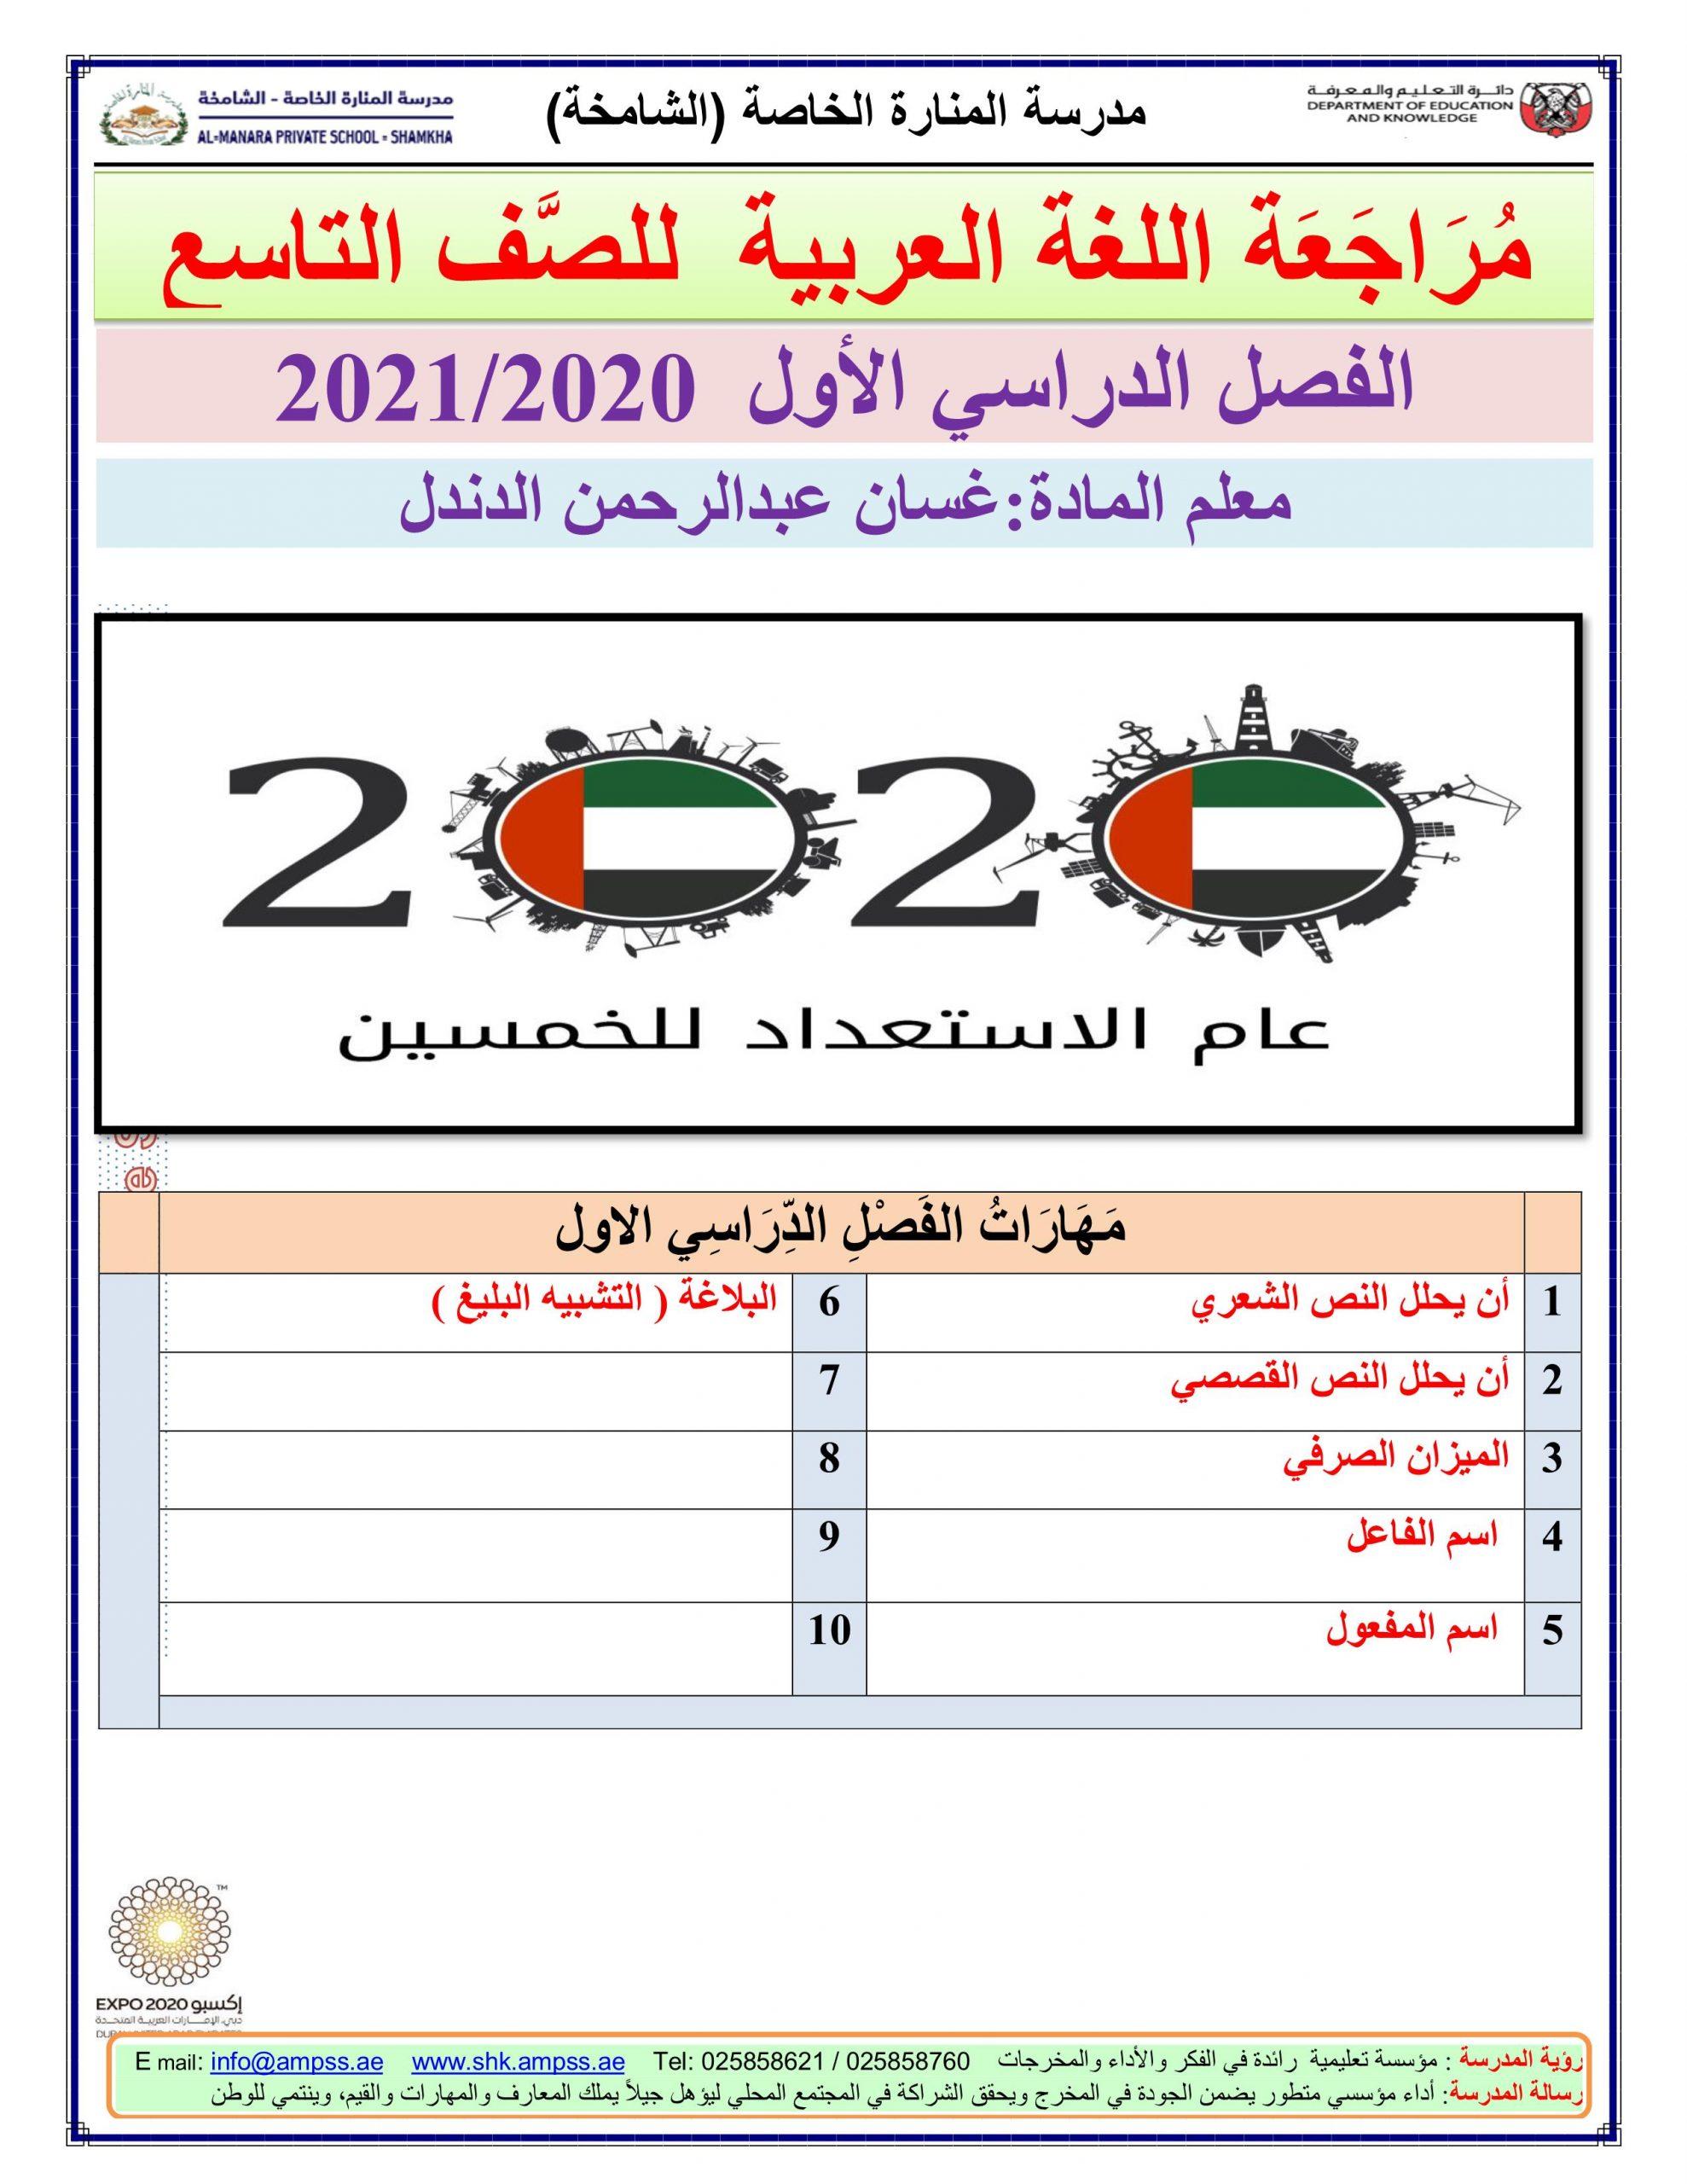 اوارق عمل متنوعة مراجعة نهائية الصف التاسع مادة اللغة العربية